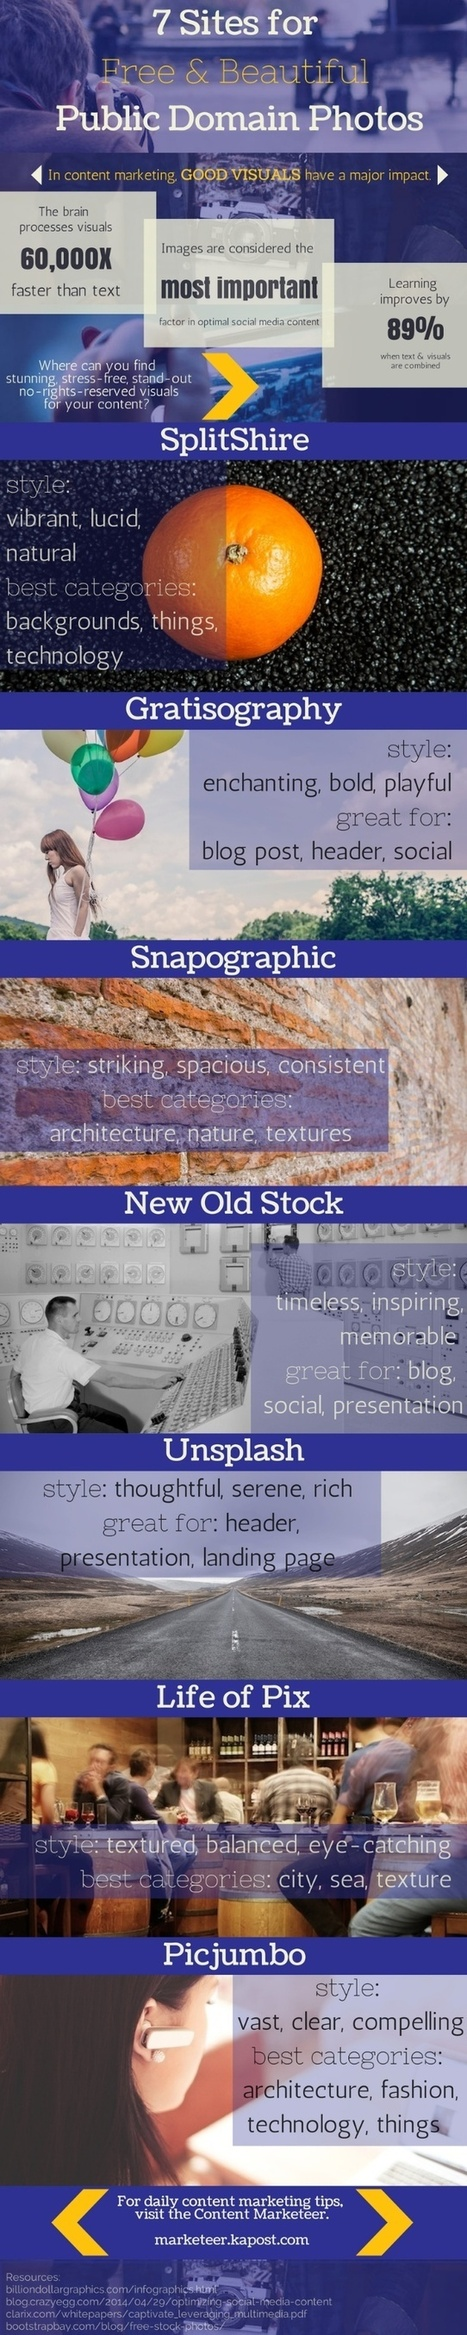 7 sitios buenos de fotografías libres | Llengua i noves tecnologies | Scoop.it